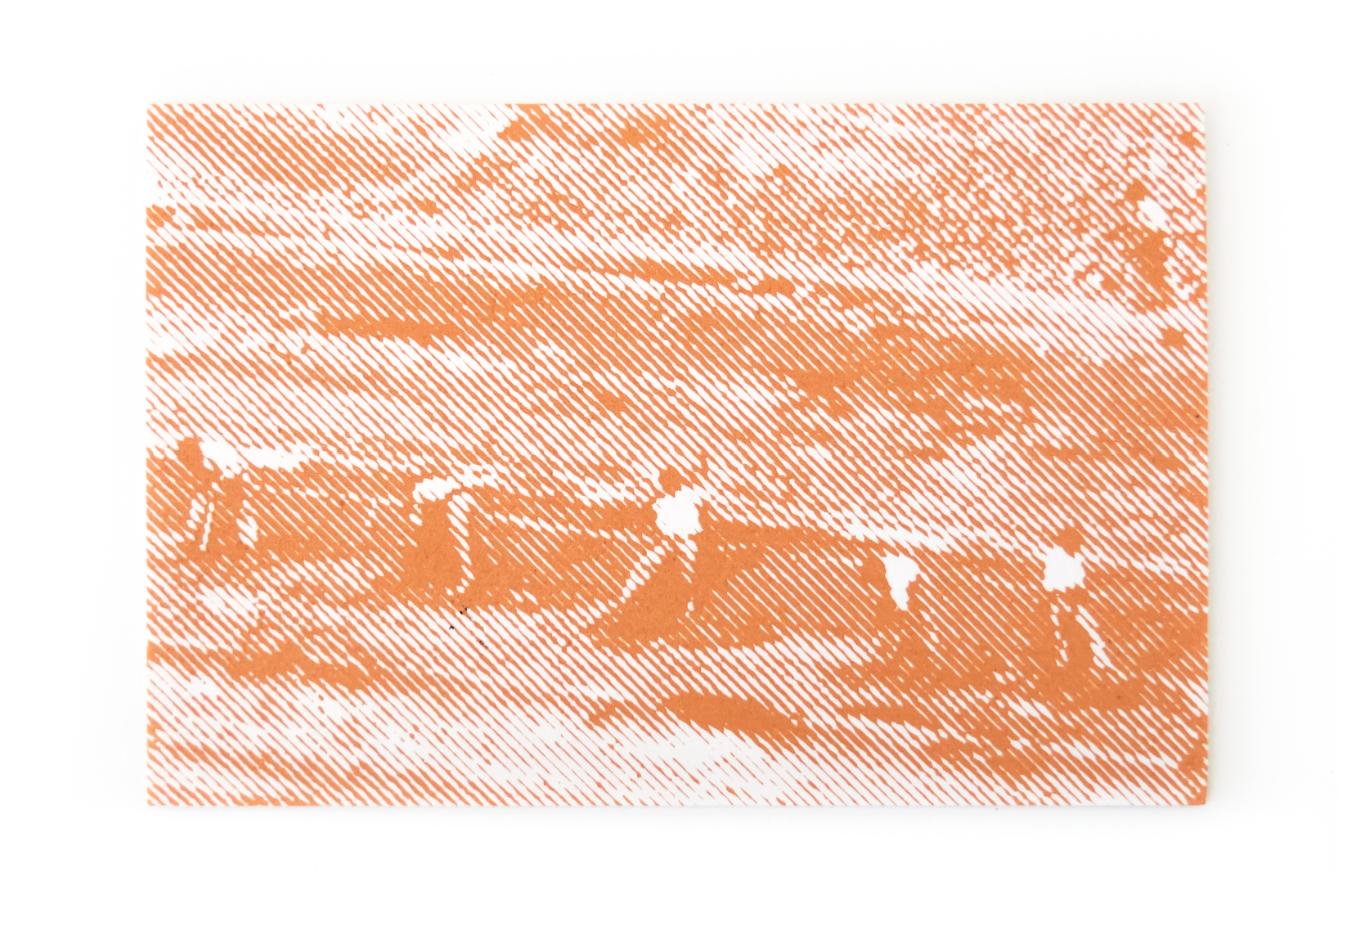 Creux de Séon, 2014, Sérigraphie, argile, timbre et étiquette, 10 x 15 cm, Carte Blanche #1, 1:90 exemplaires, éditions Infra 2014, Œuvre réalisée avec le soutien de l'ESBA-Nîmes.